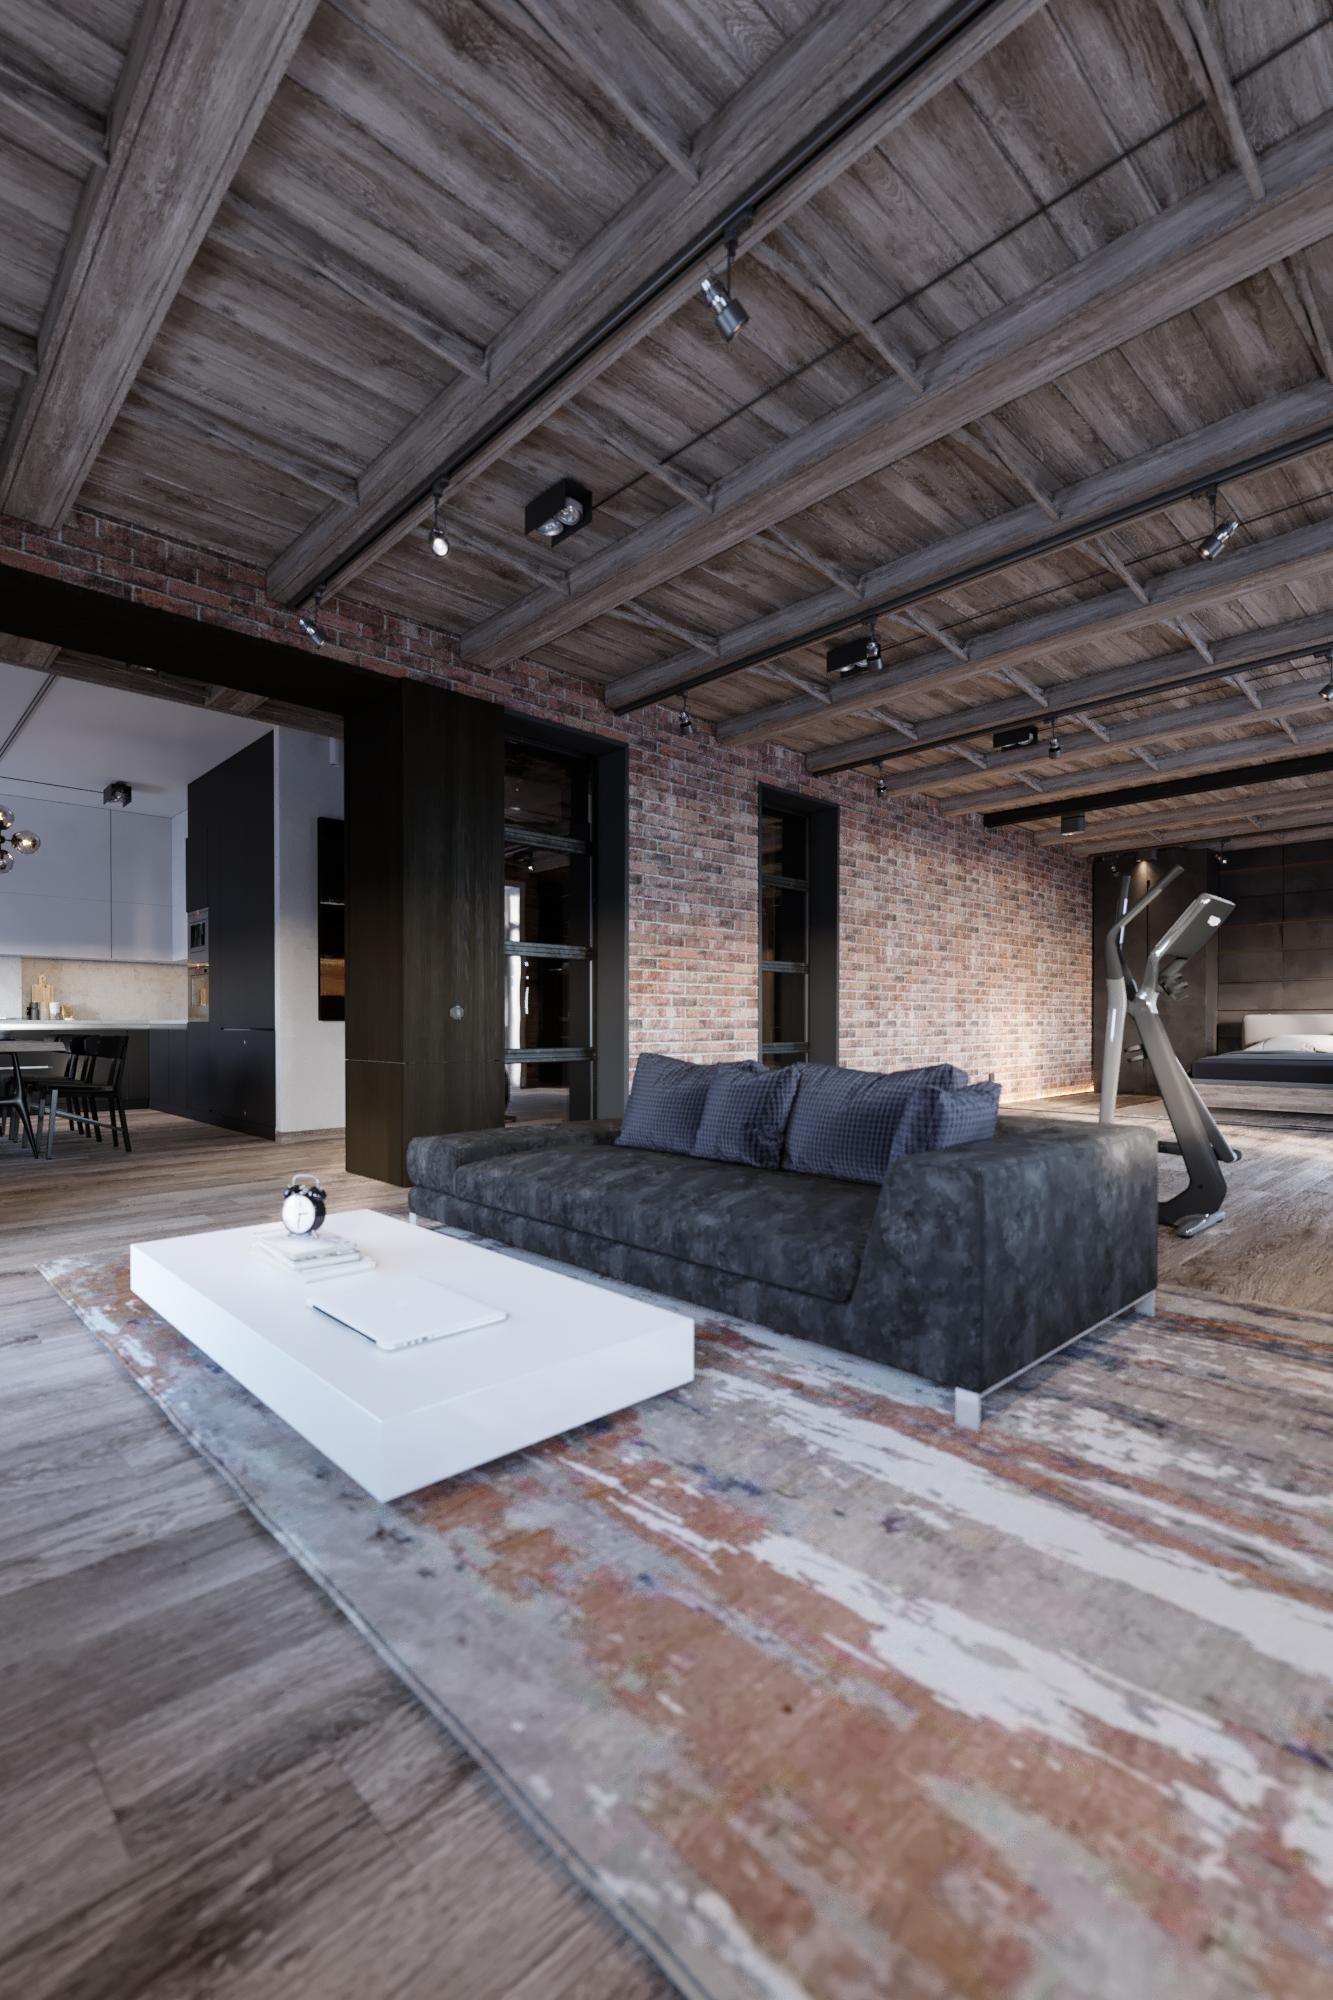 Пространство поделено на функциональные зоны — кухня, прихожая, гостиная и спальня — с помощью мебели или лёгких конструкций.